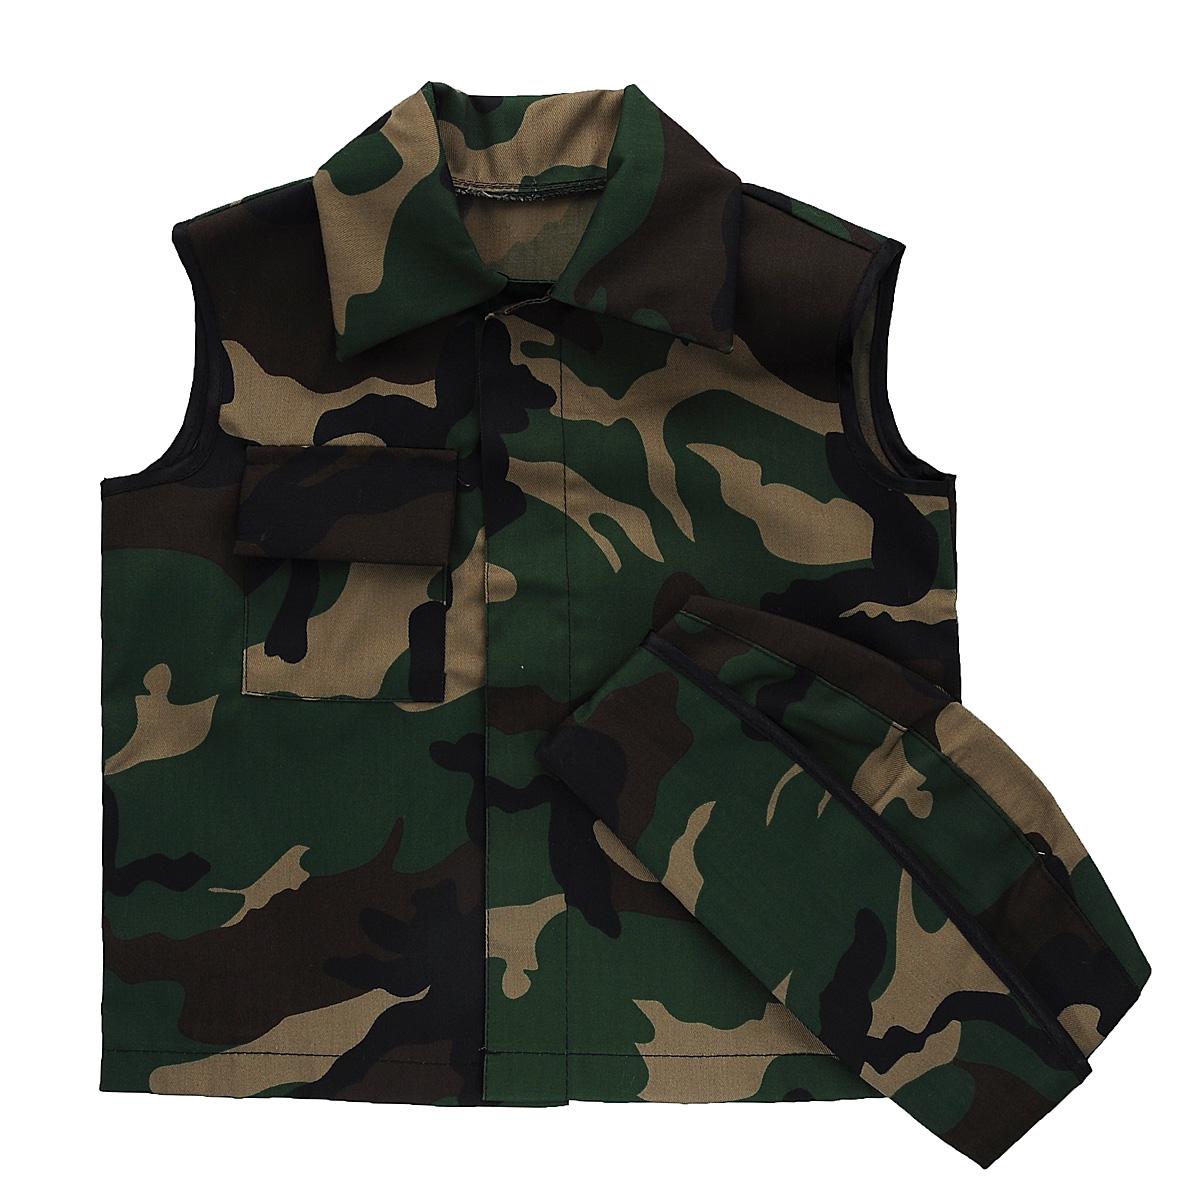 Карнавальный костюм для мальчика Вестифика Солдат, цвет: хаки. 107 008. Размер 94/134